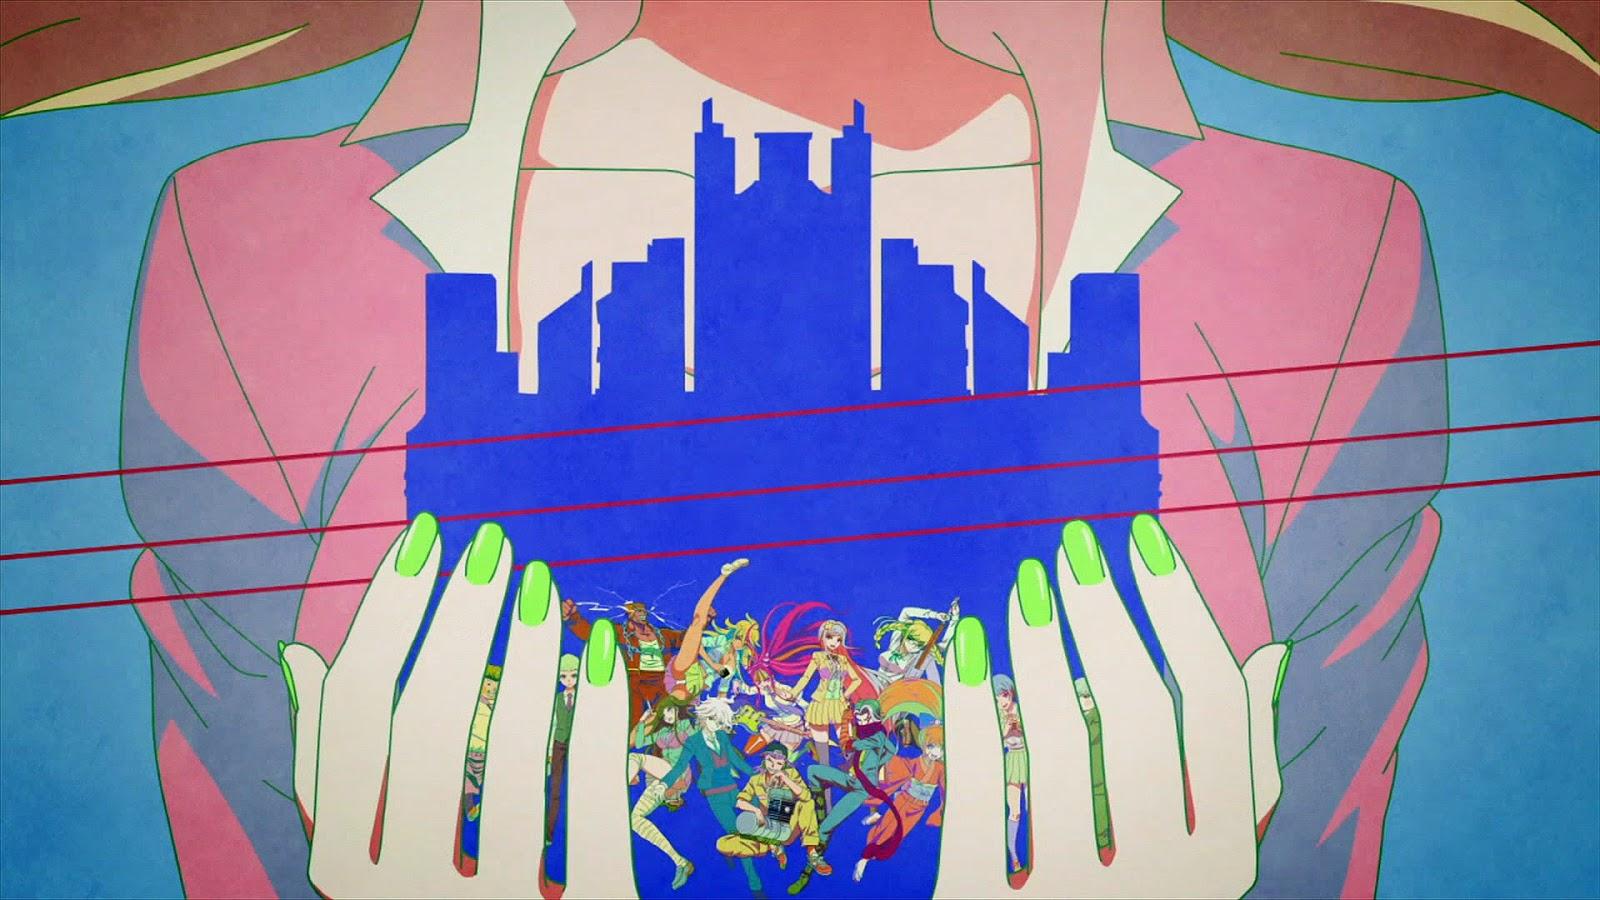 Danganronpa 3 The End of Kibougamine Gakuen Zetsubou hen cap 5 sub español